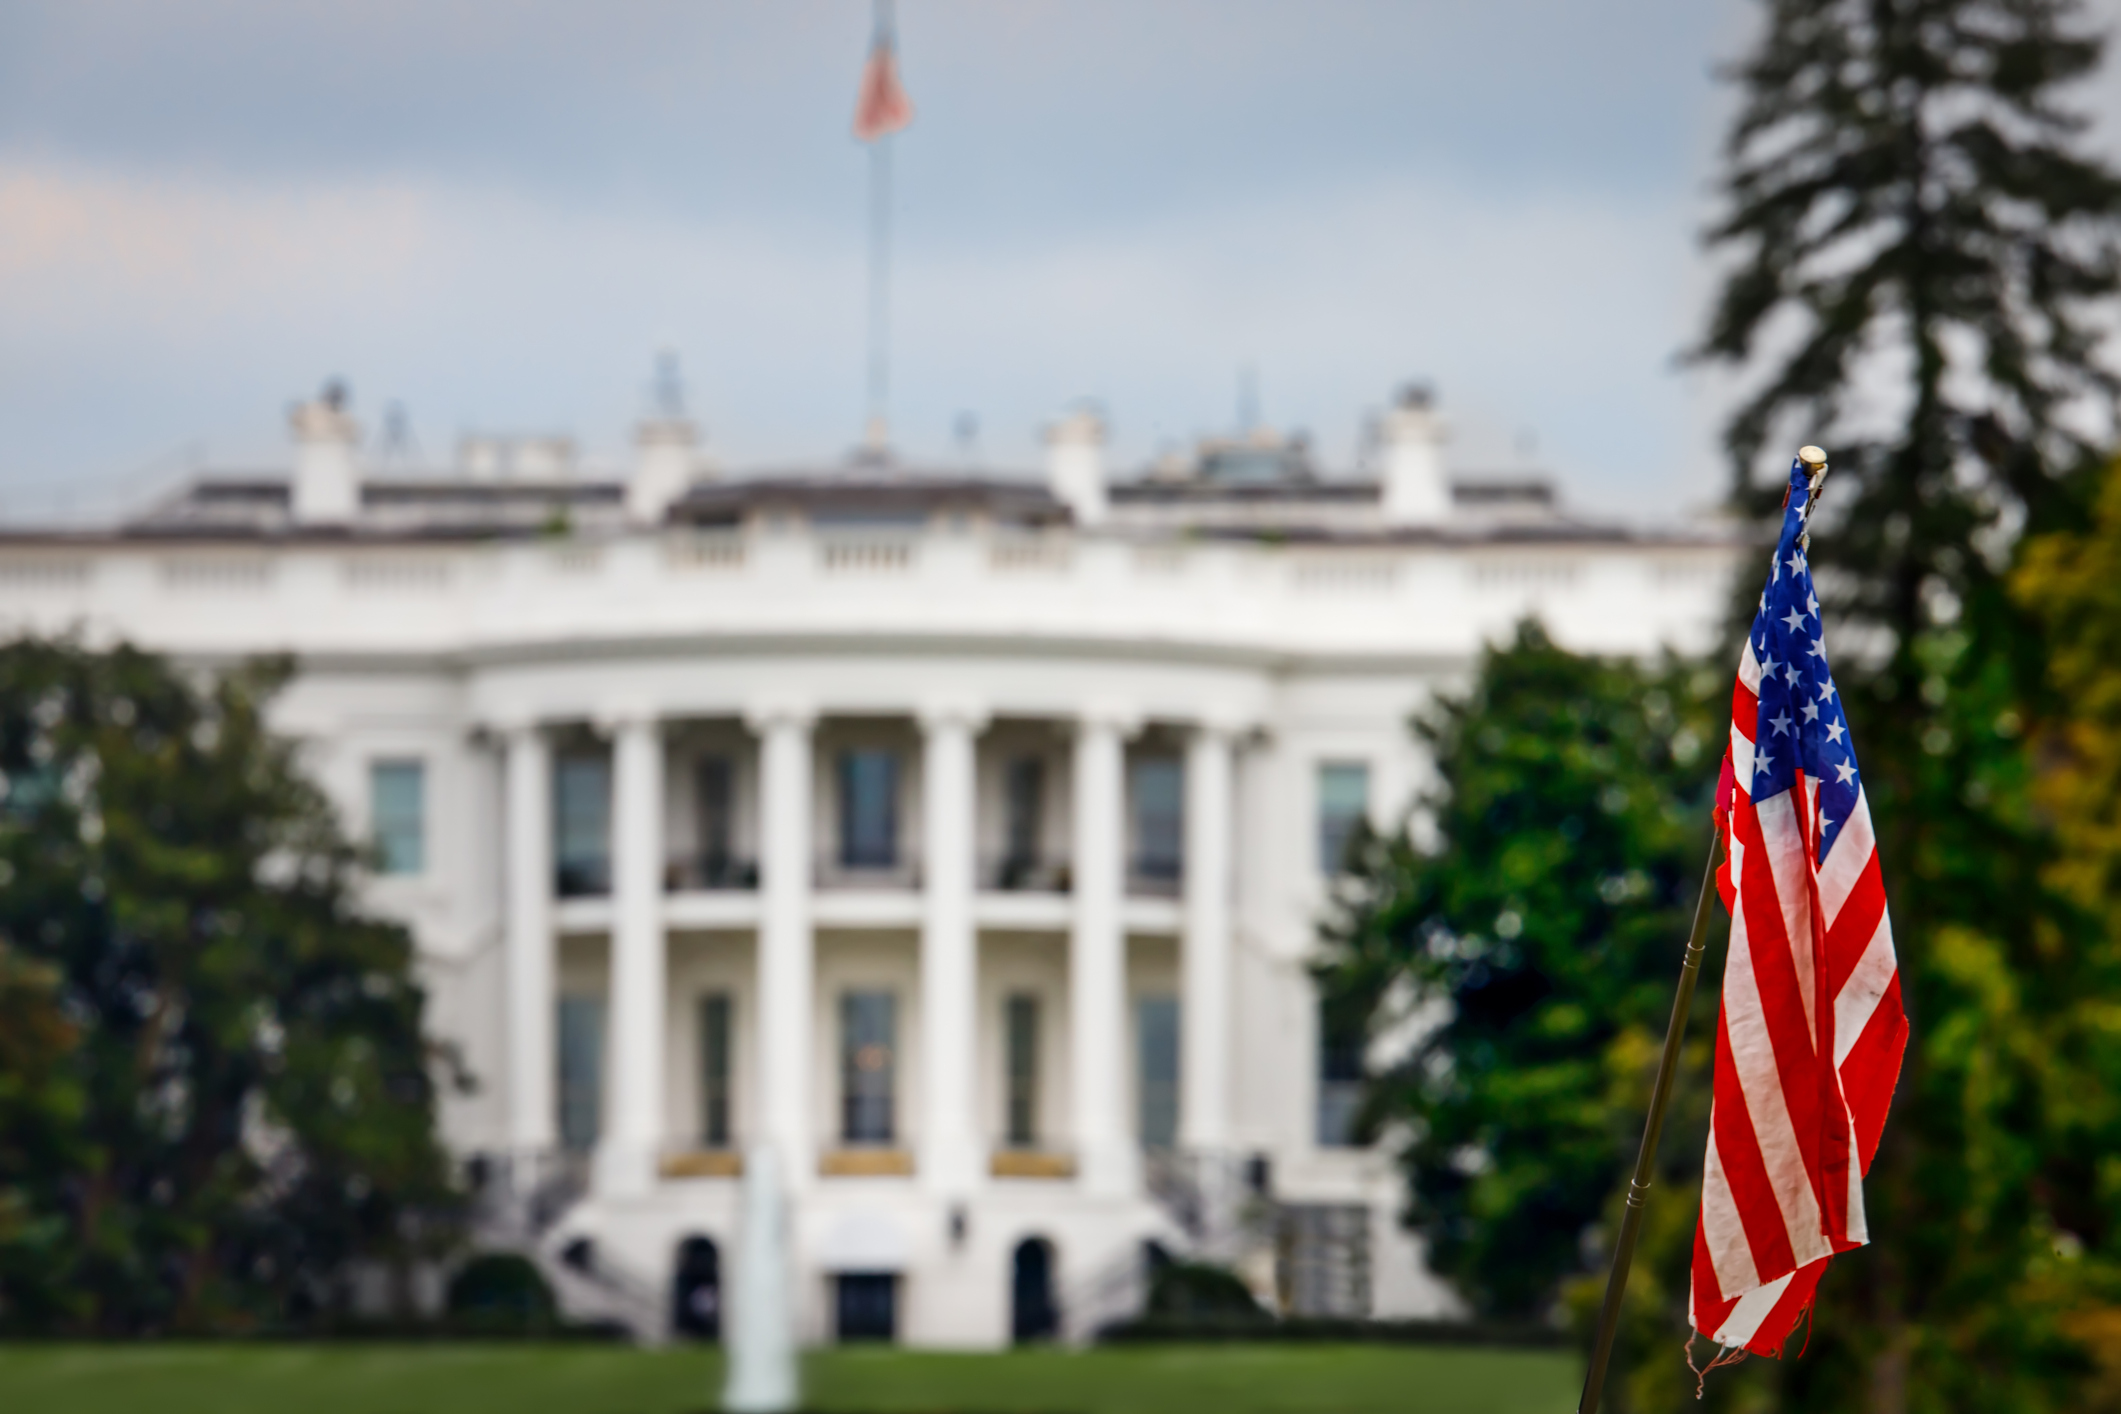 USA setzen Importzölle auf britische Produkte aus